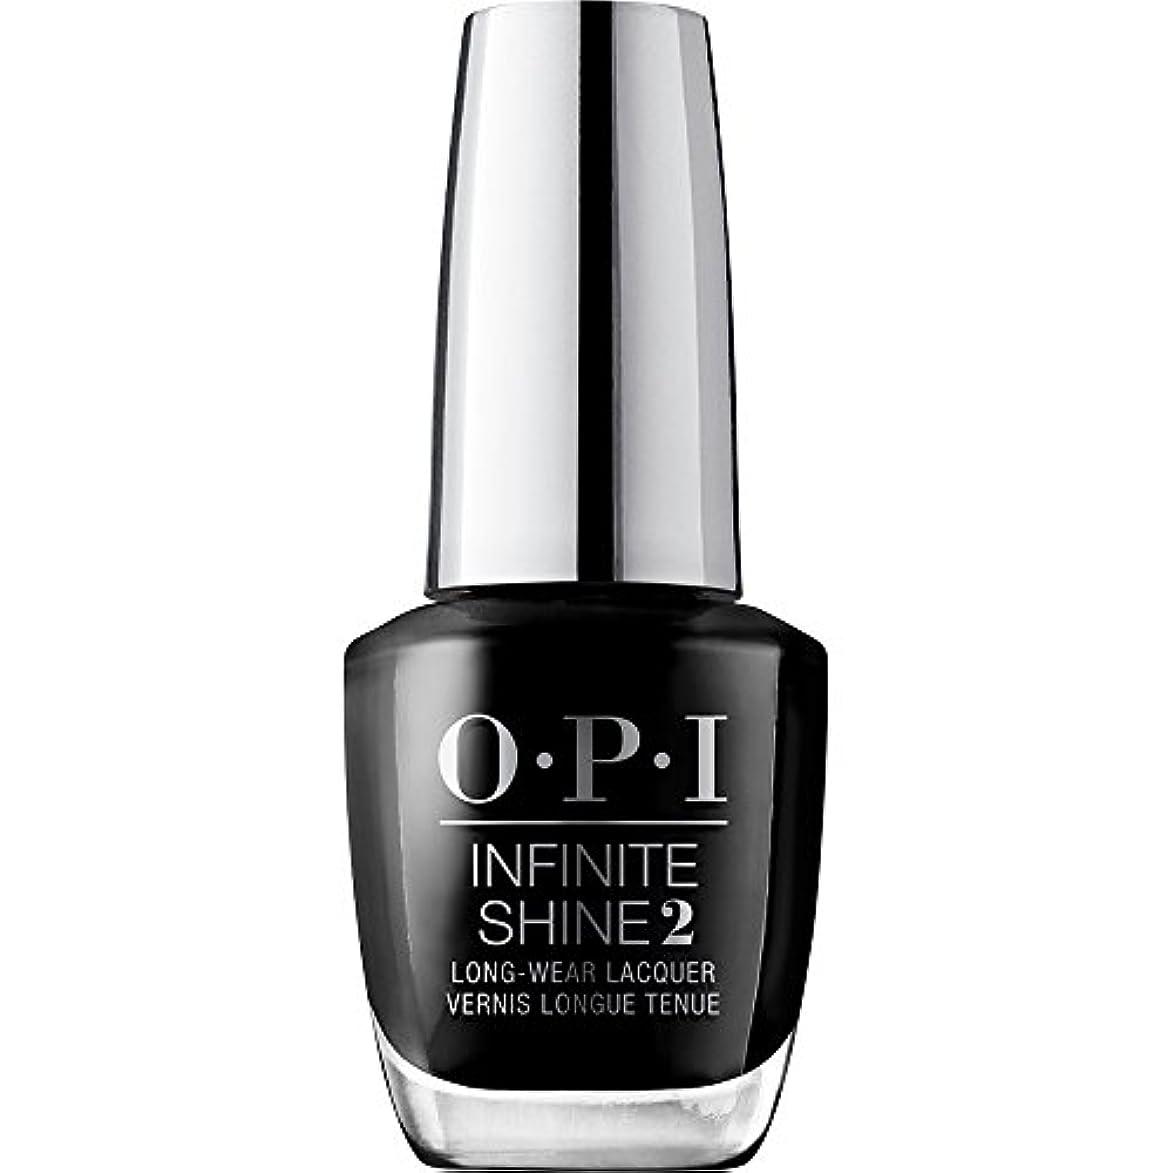 欲望主張する拒絶OPI(オーピーアイ) インフィニット シャイン ISL T02 ブラック オニキス